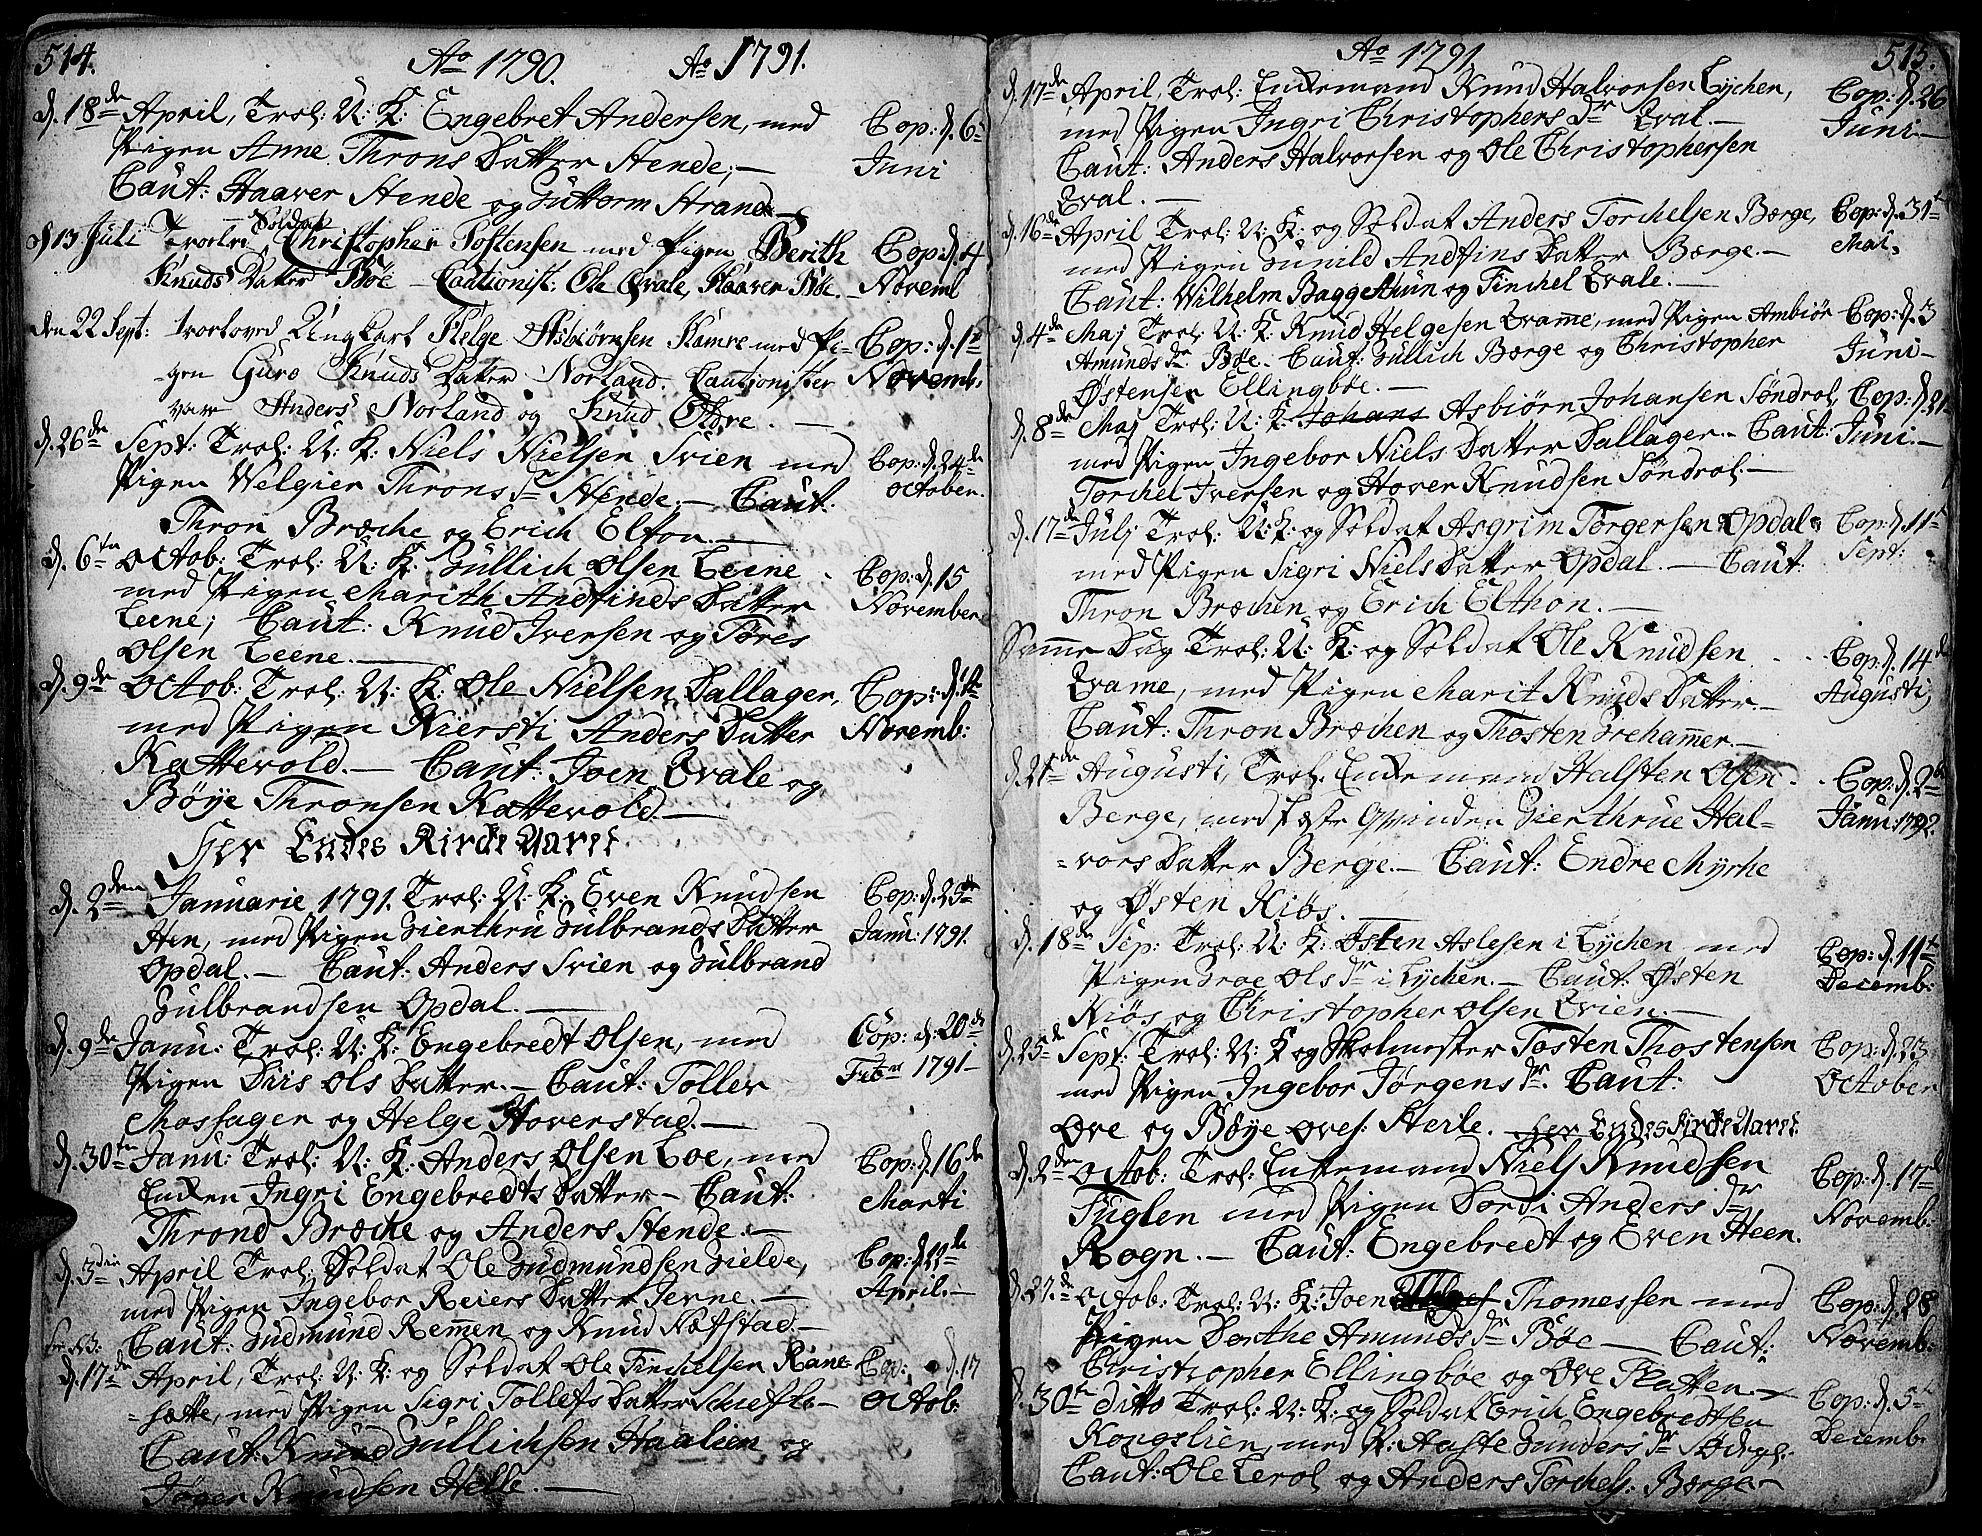 SAH, Vang prestekontor, Valdres, Ministerialbok nr. 1, 1730-1796, s. 514-515